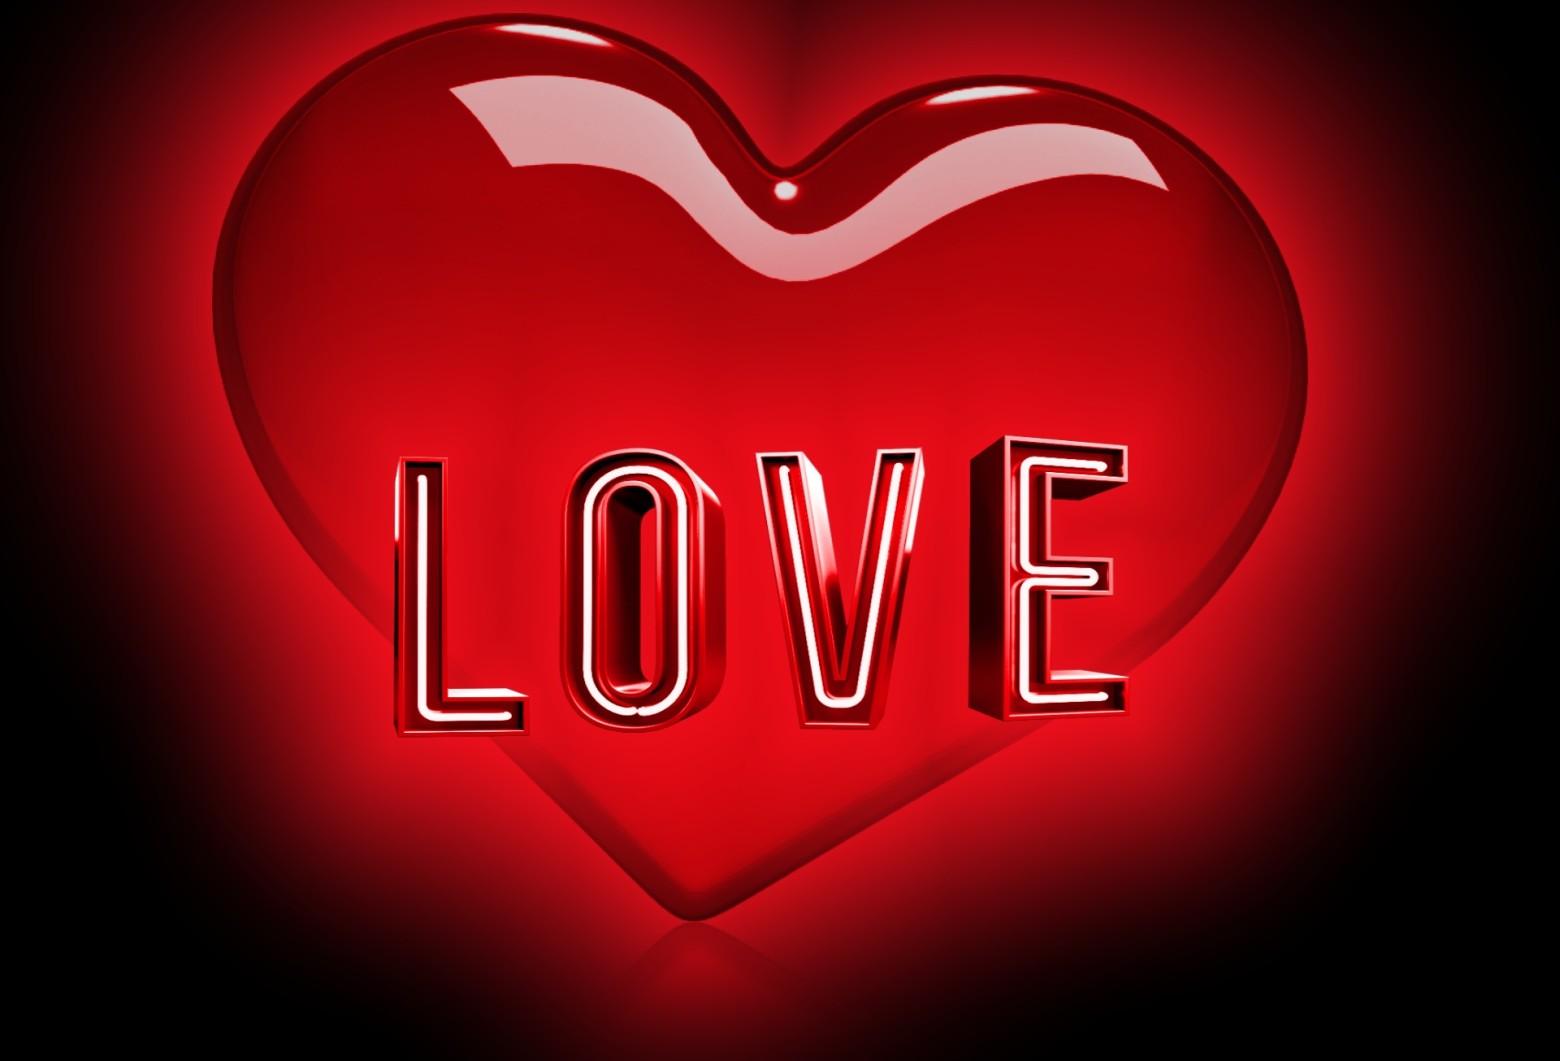 Fond d cran saint valentibn coeur 3d image gratuite - Images coeur gratuites ...